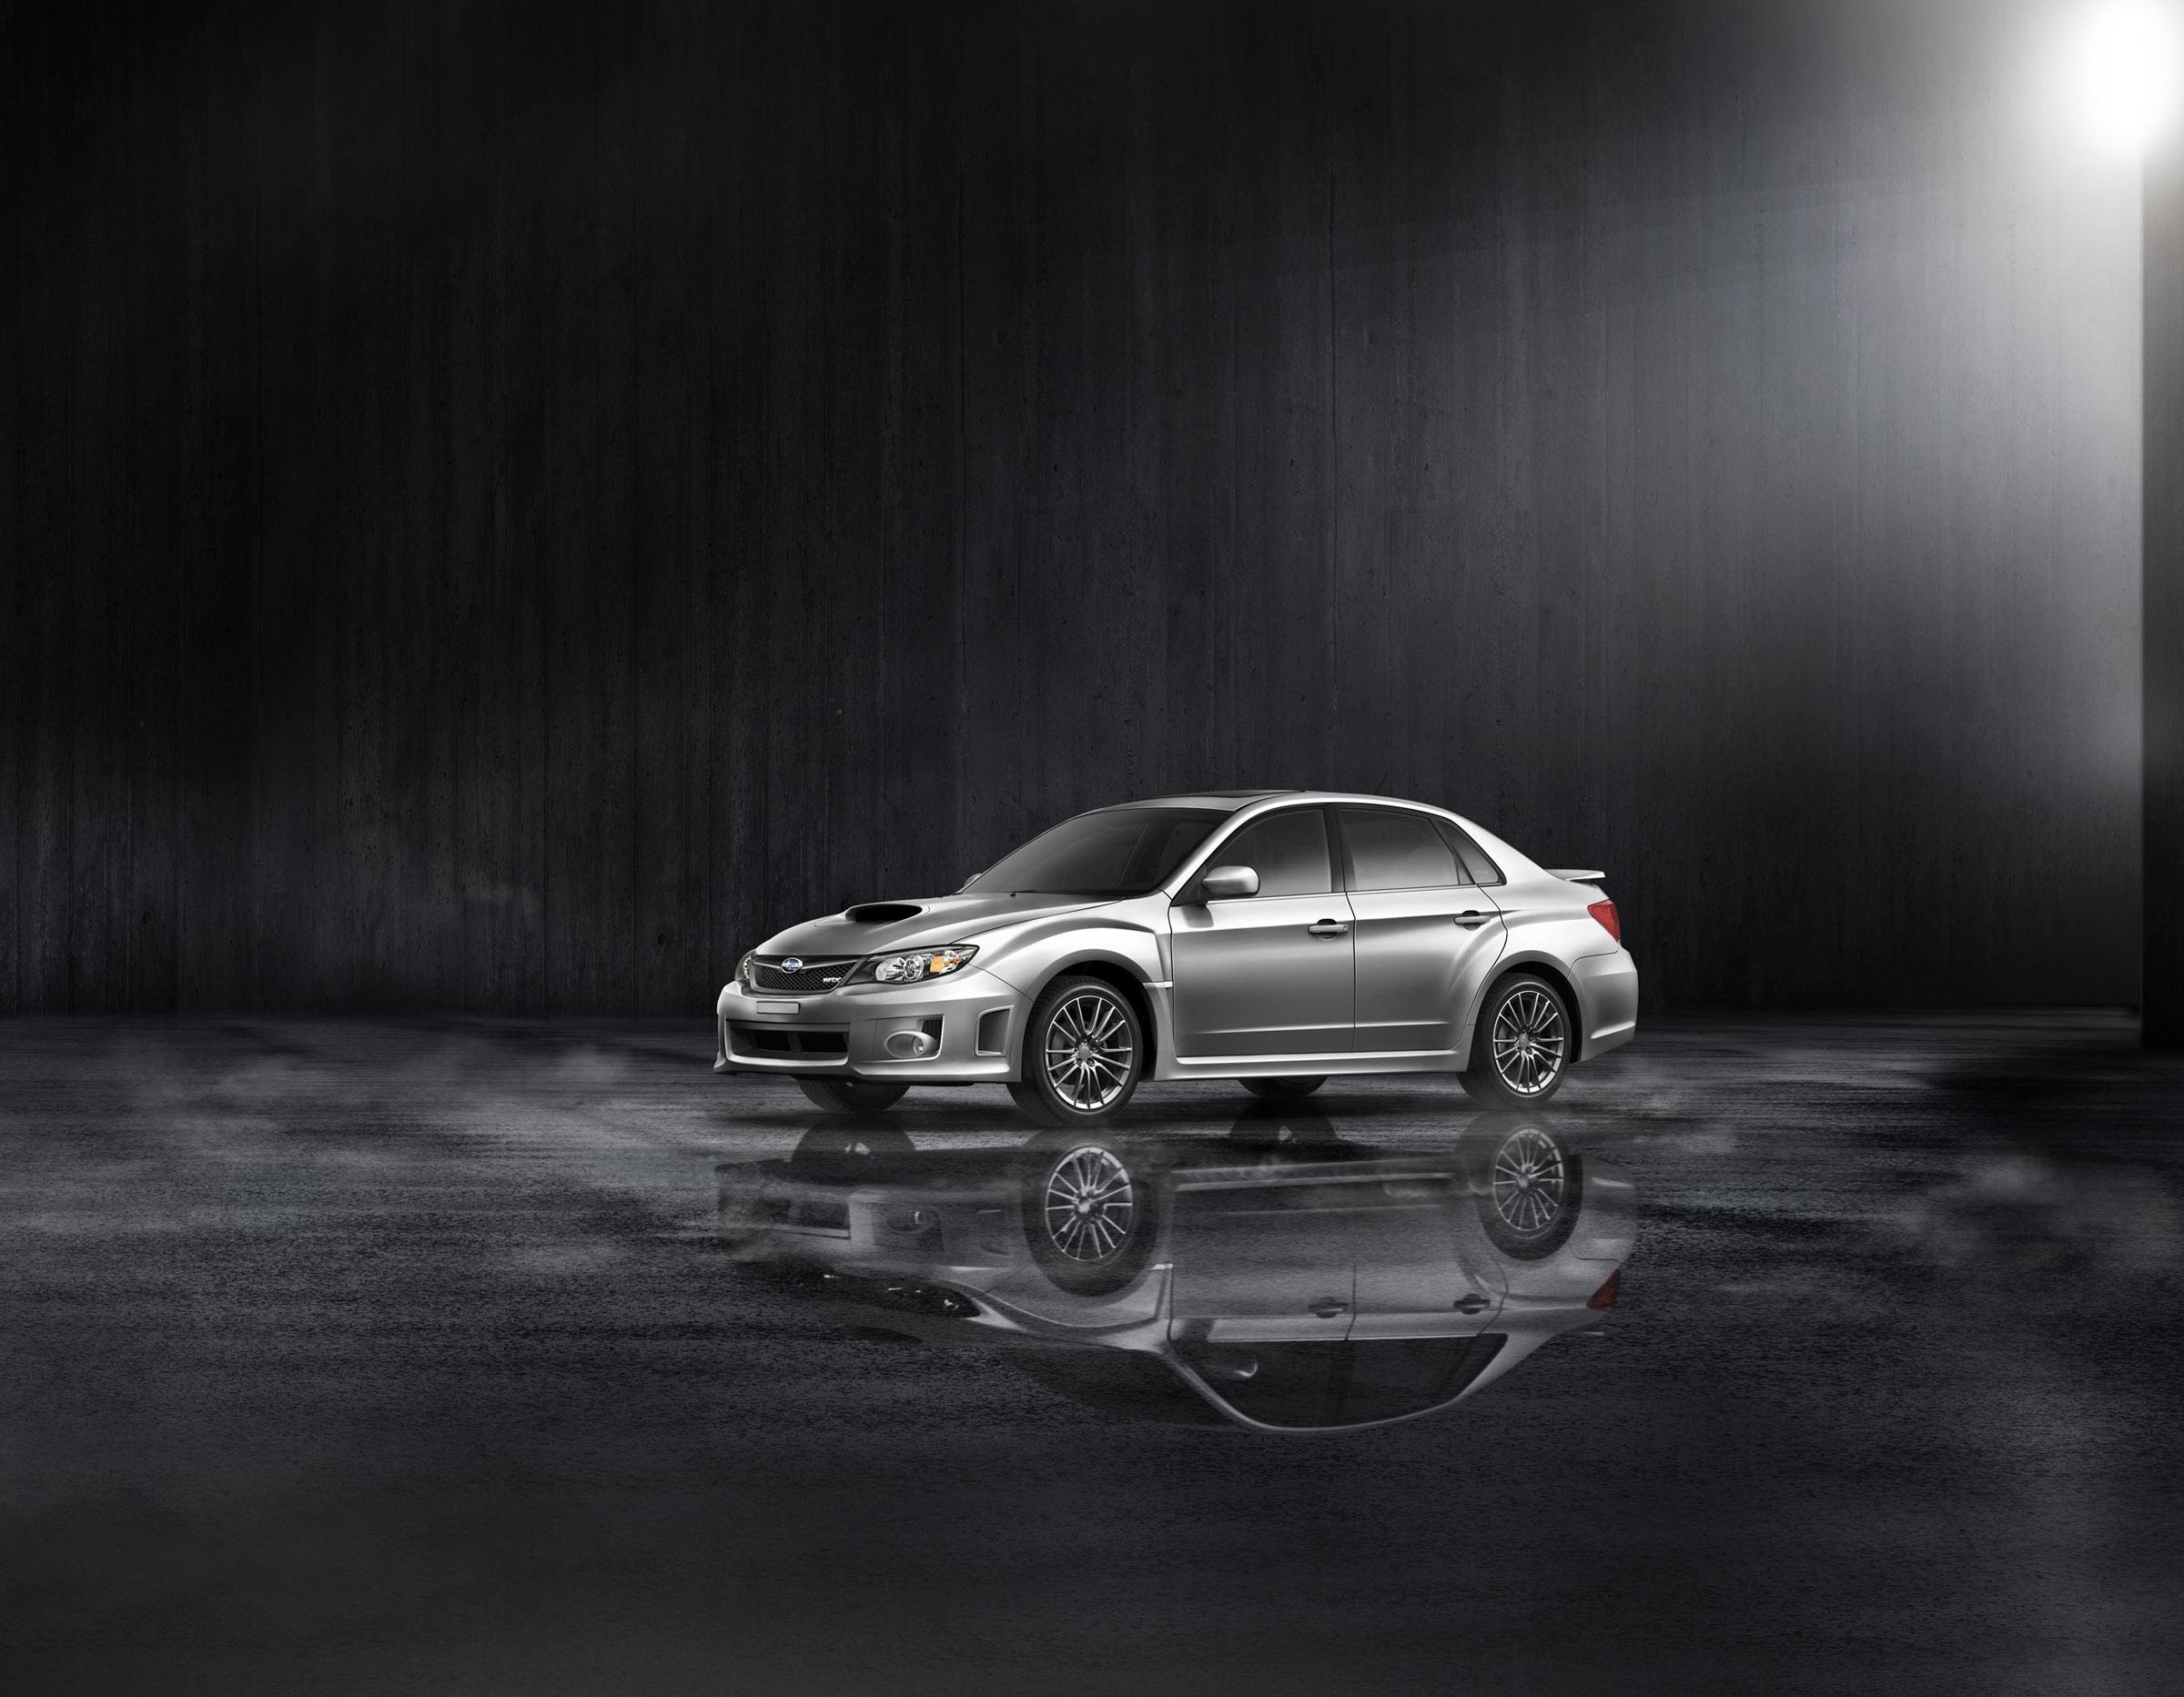 Subaru выпускает официально улучшенной 2011 Impreza WRX - фотография №1